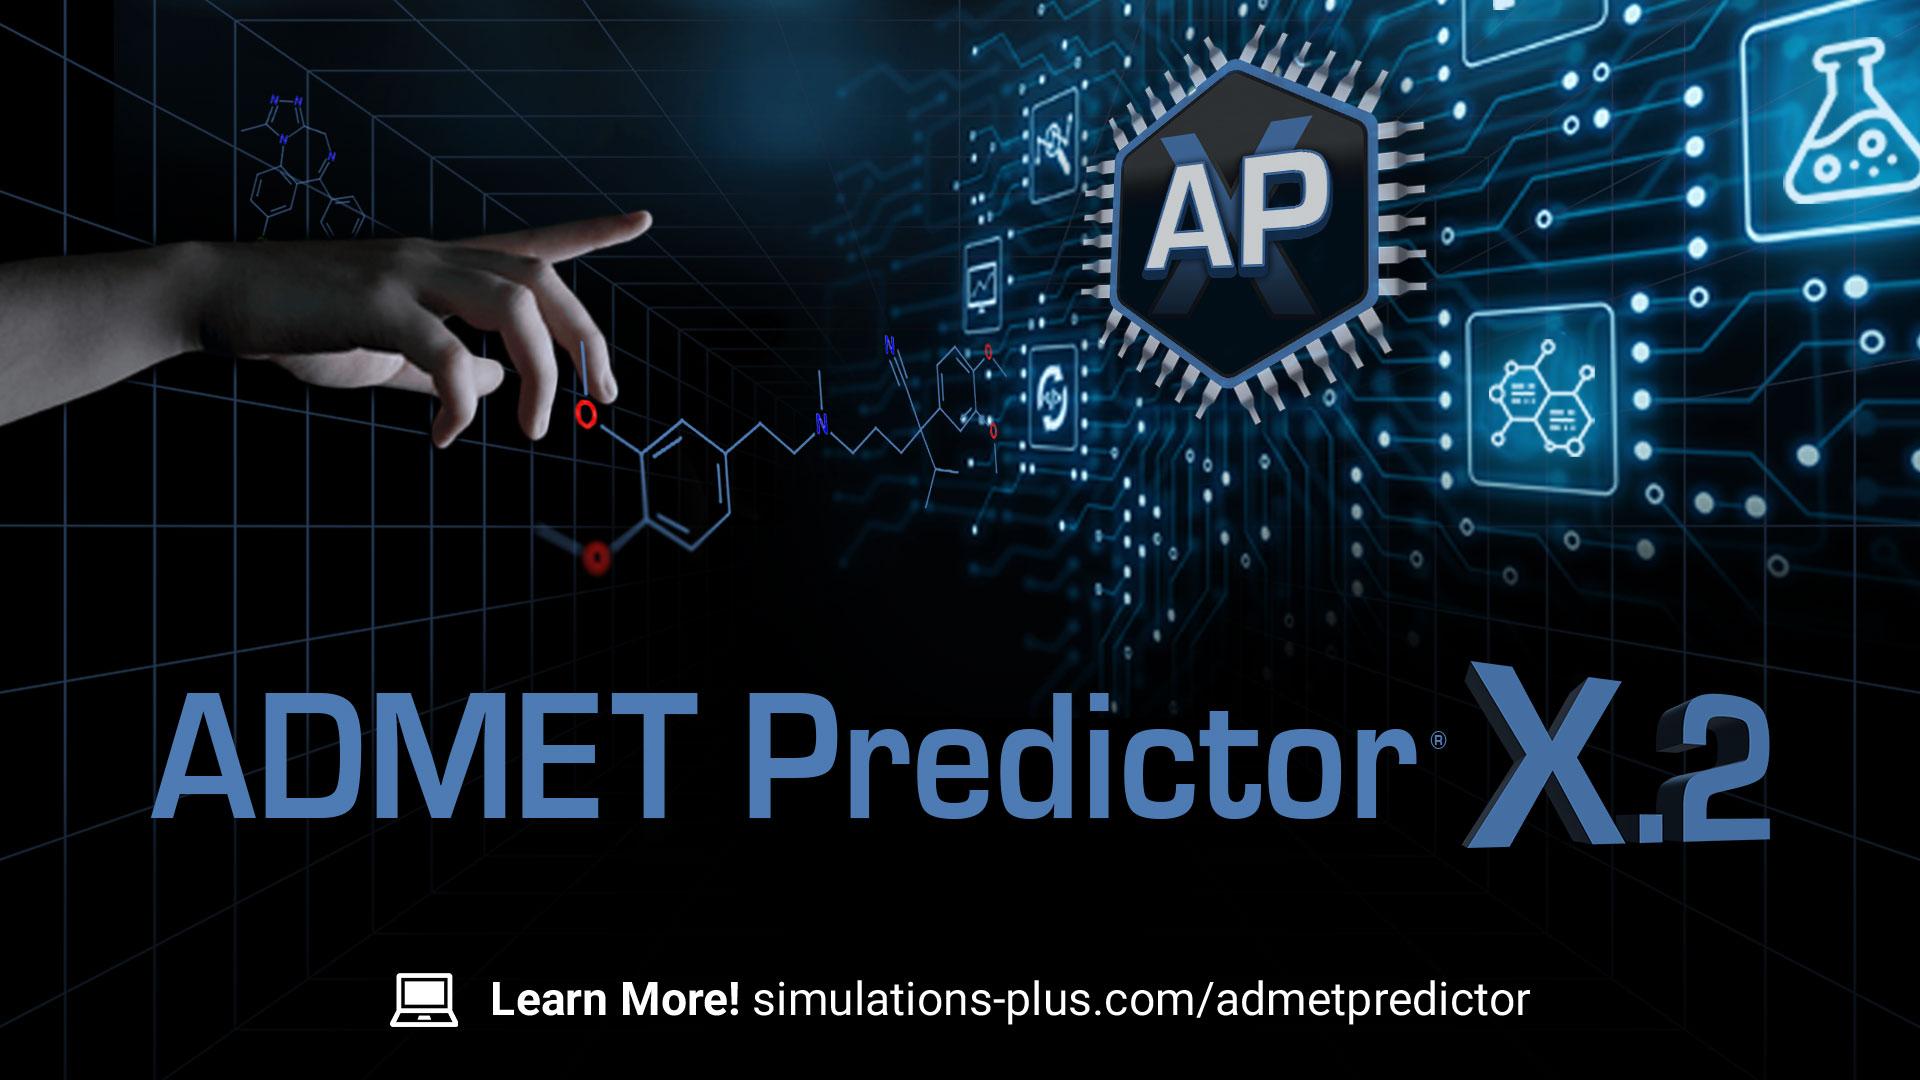 ADMET Predictor X.2